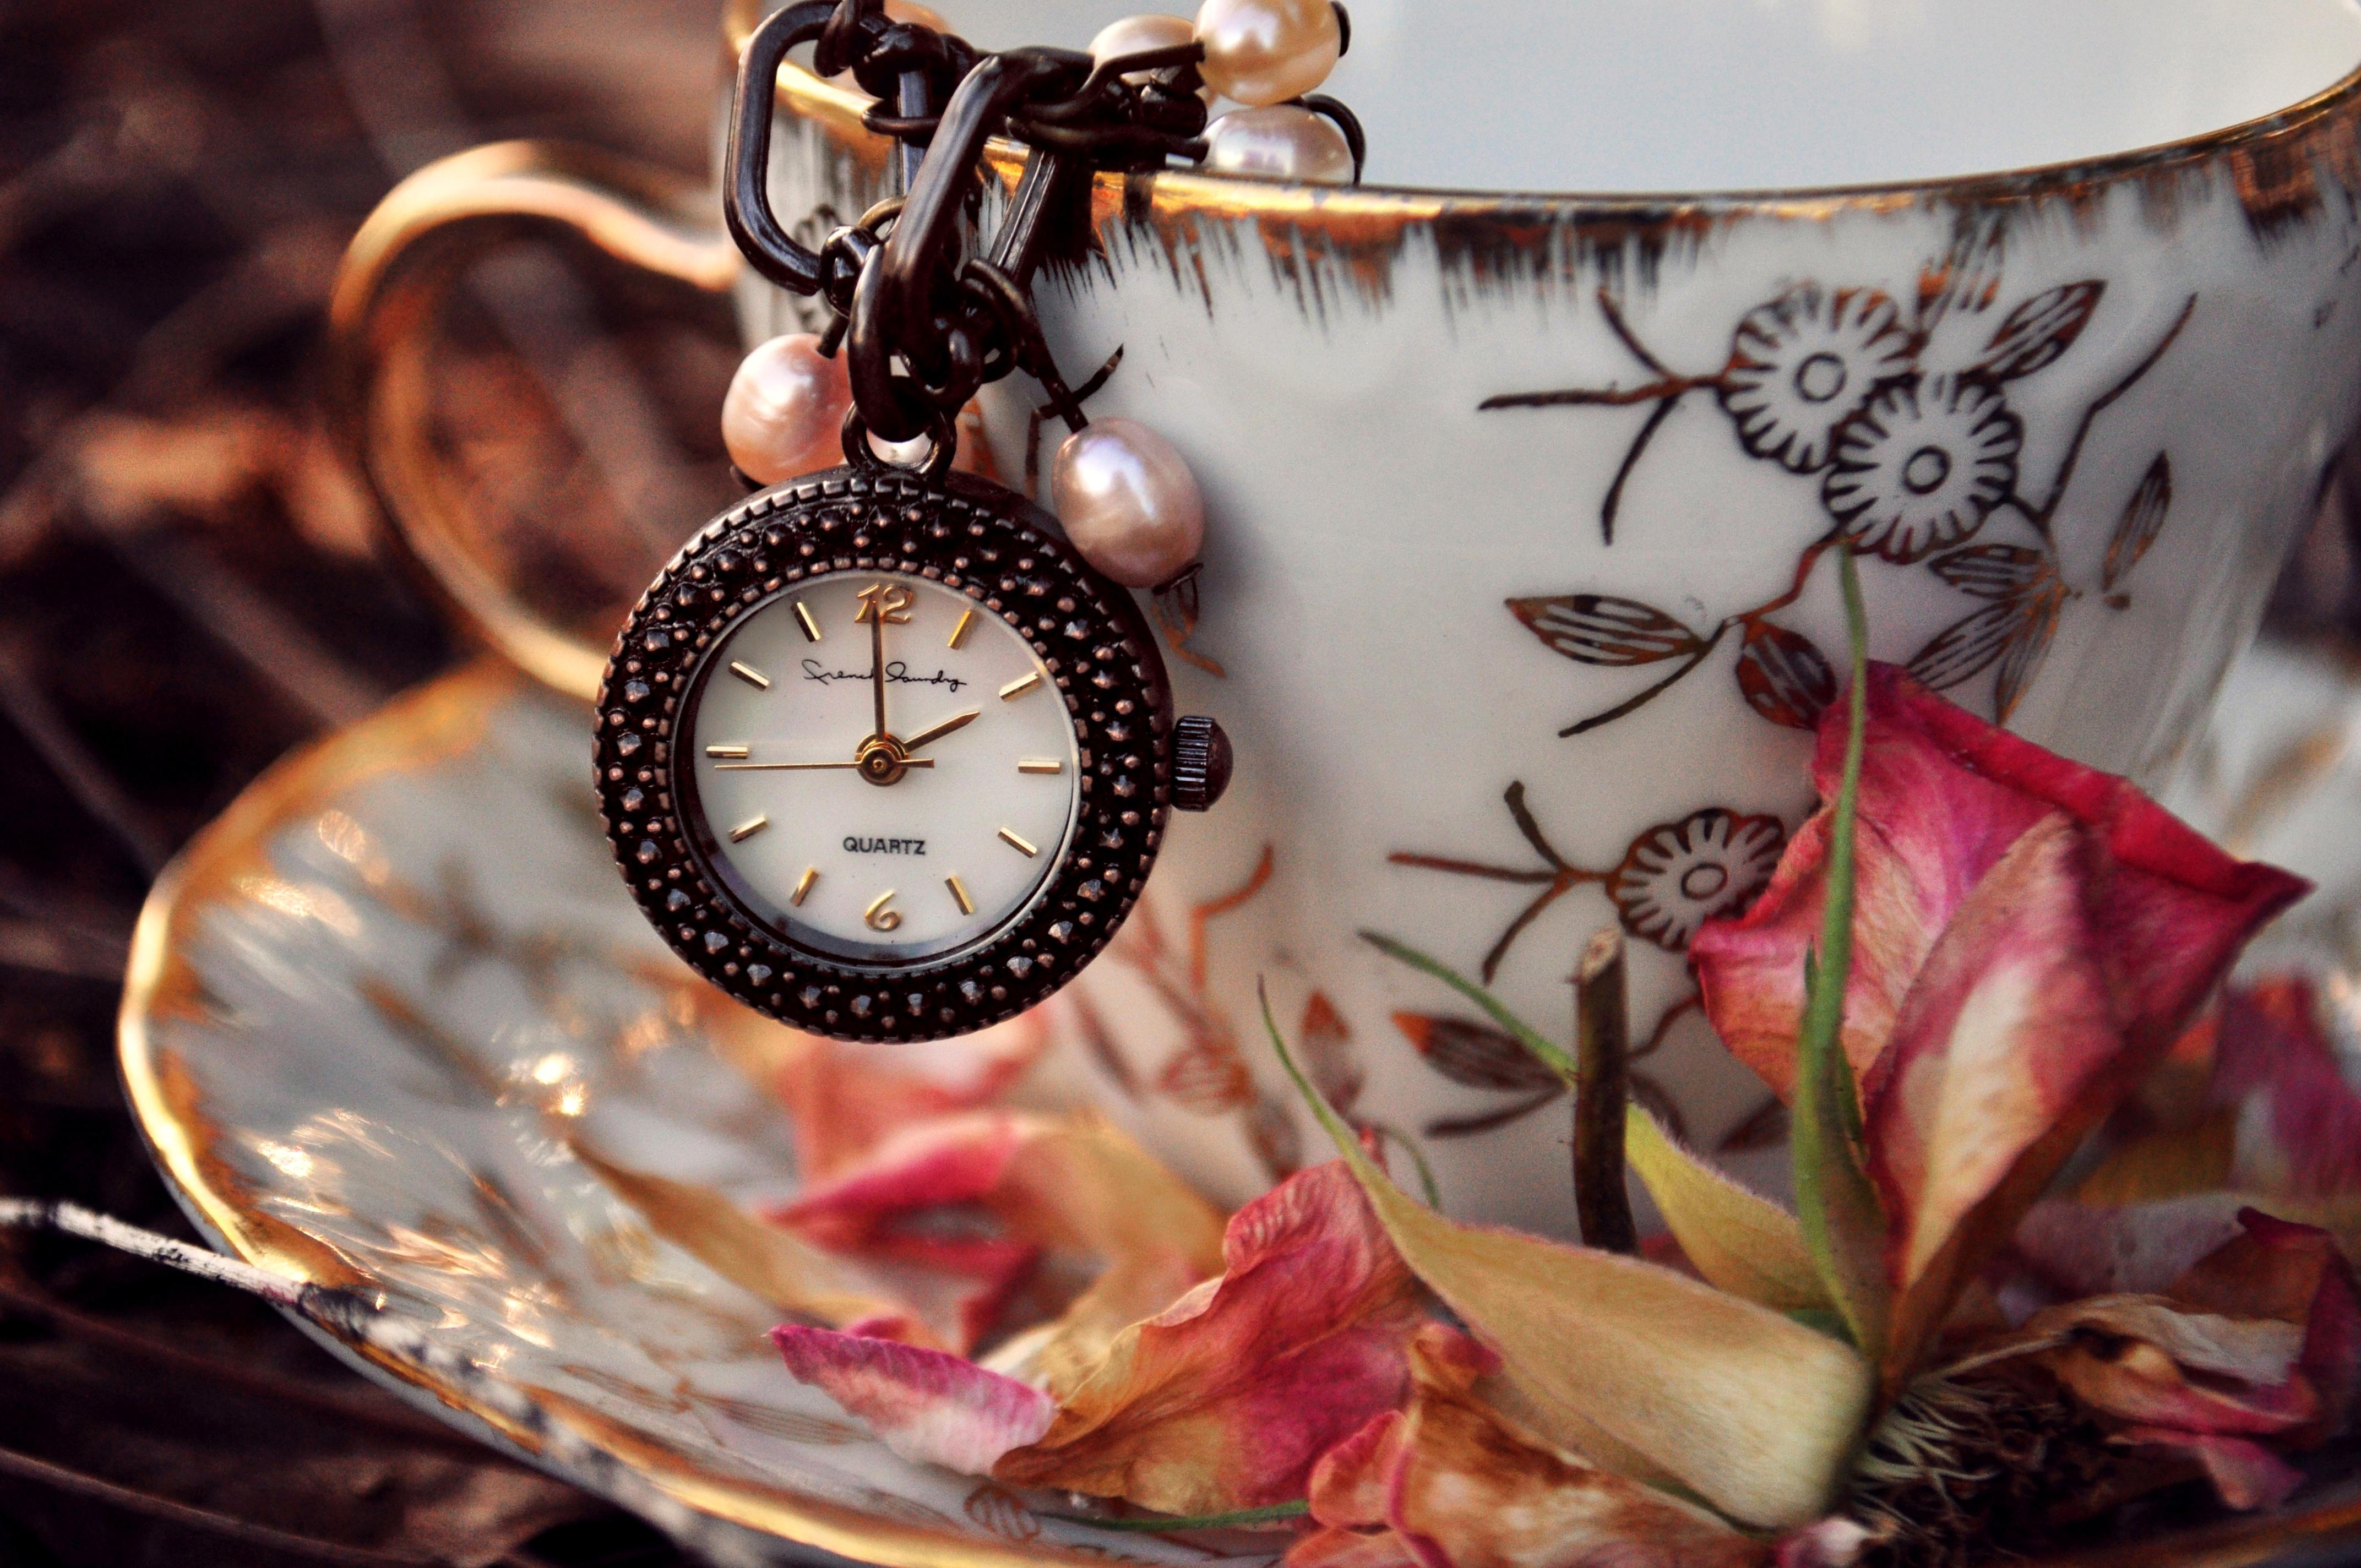 Карманные часы и скатерть  № 2171609  скачать